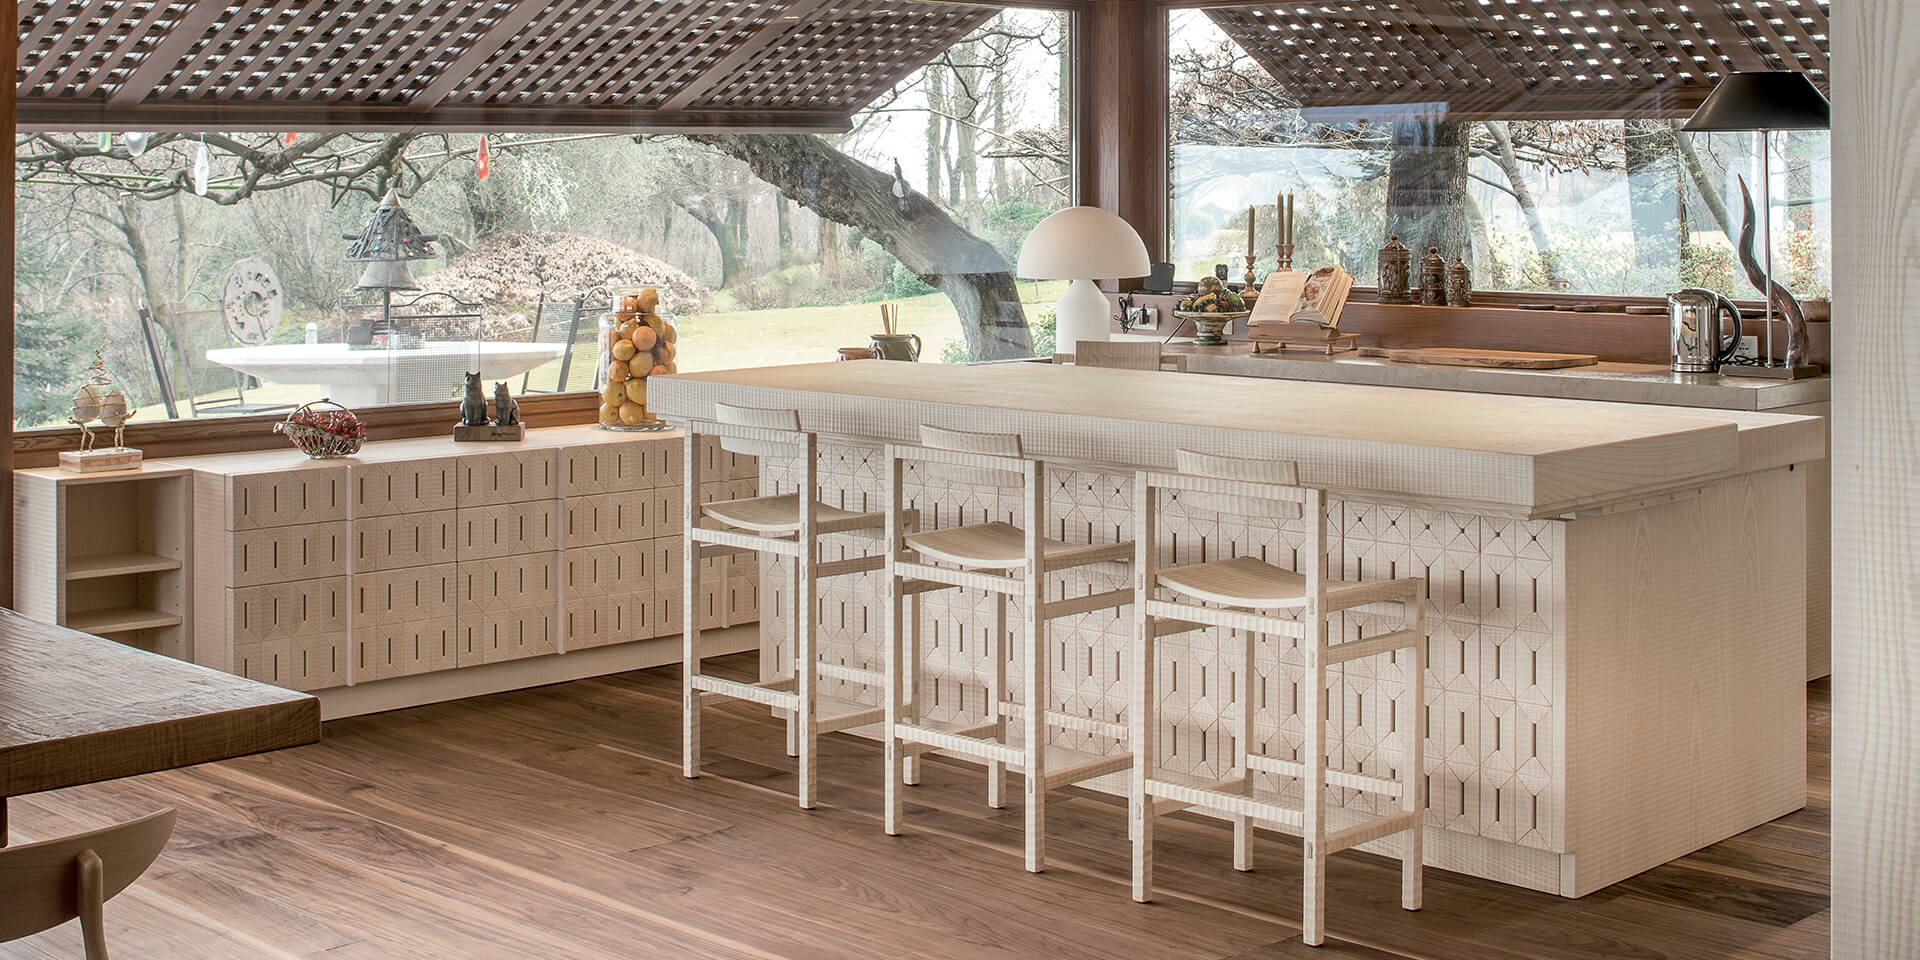 Kitchen in wood Cucine Habito